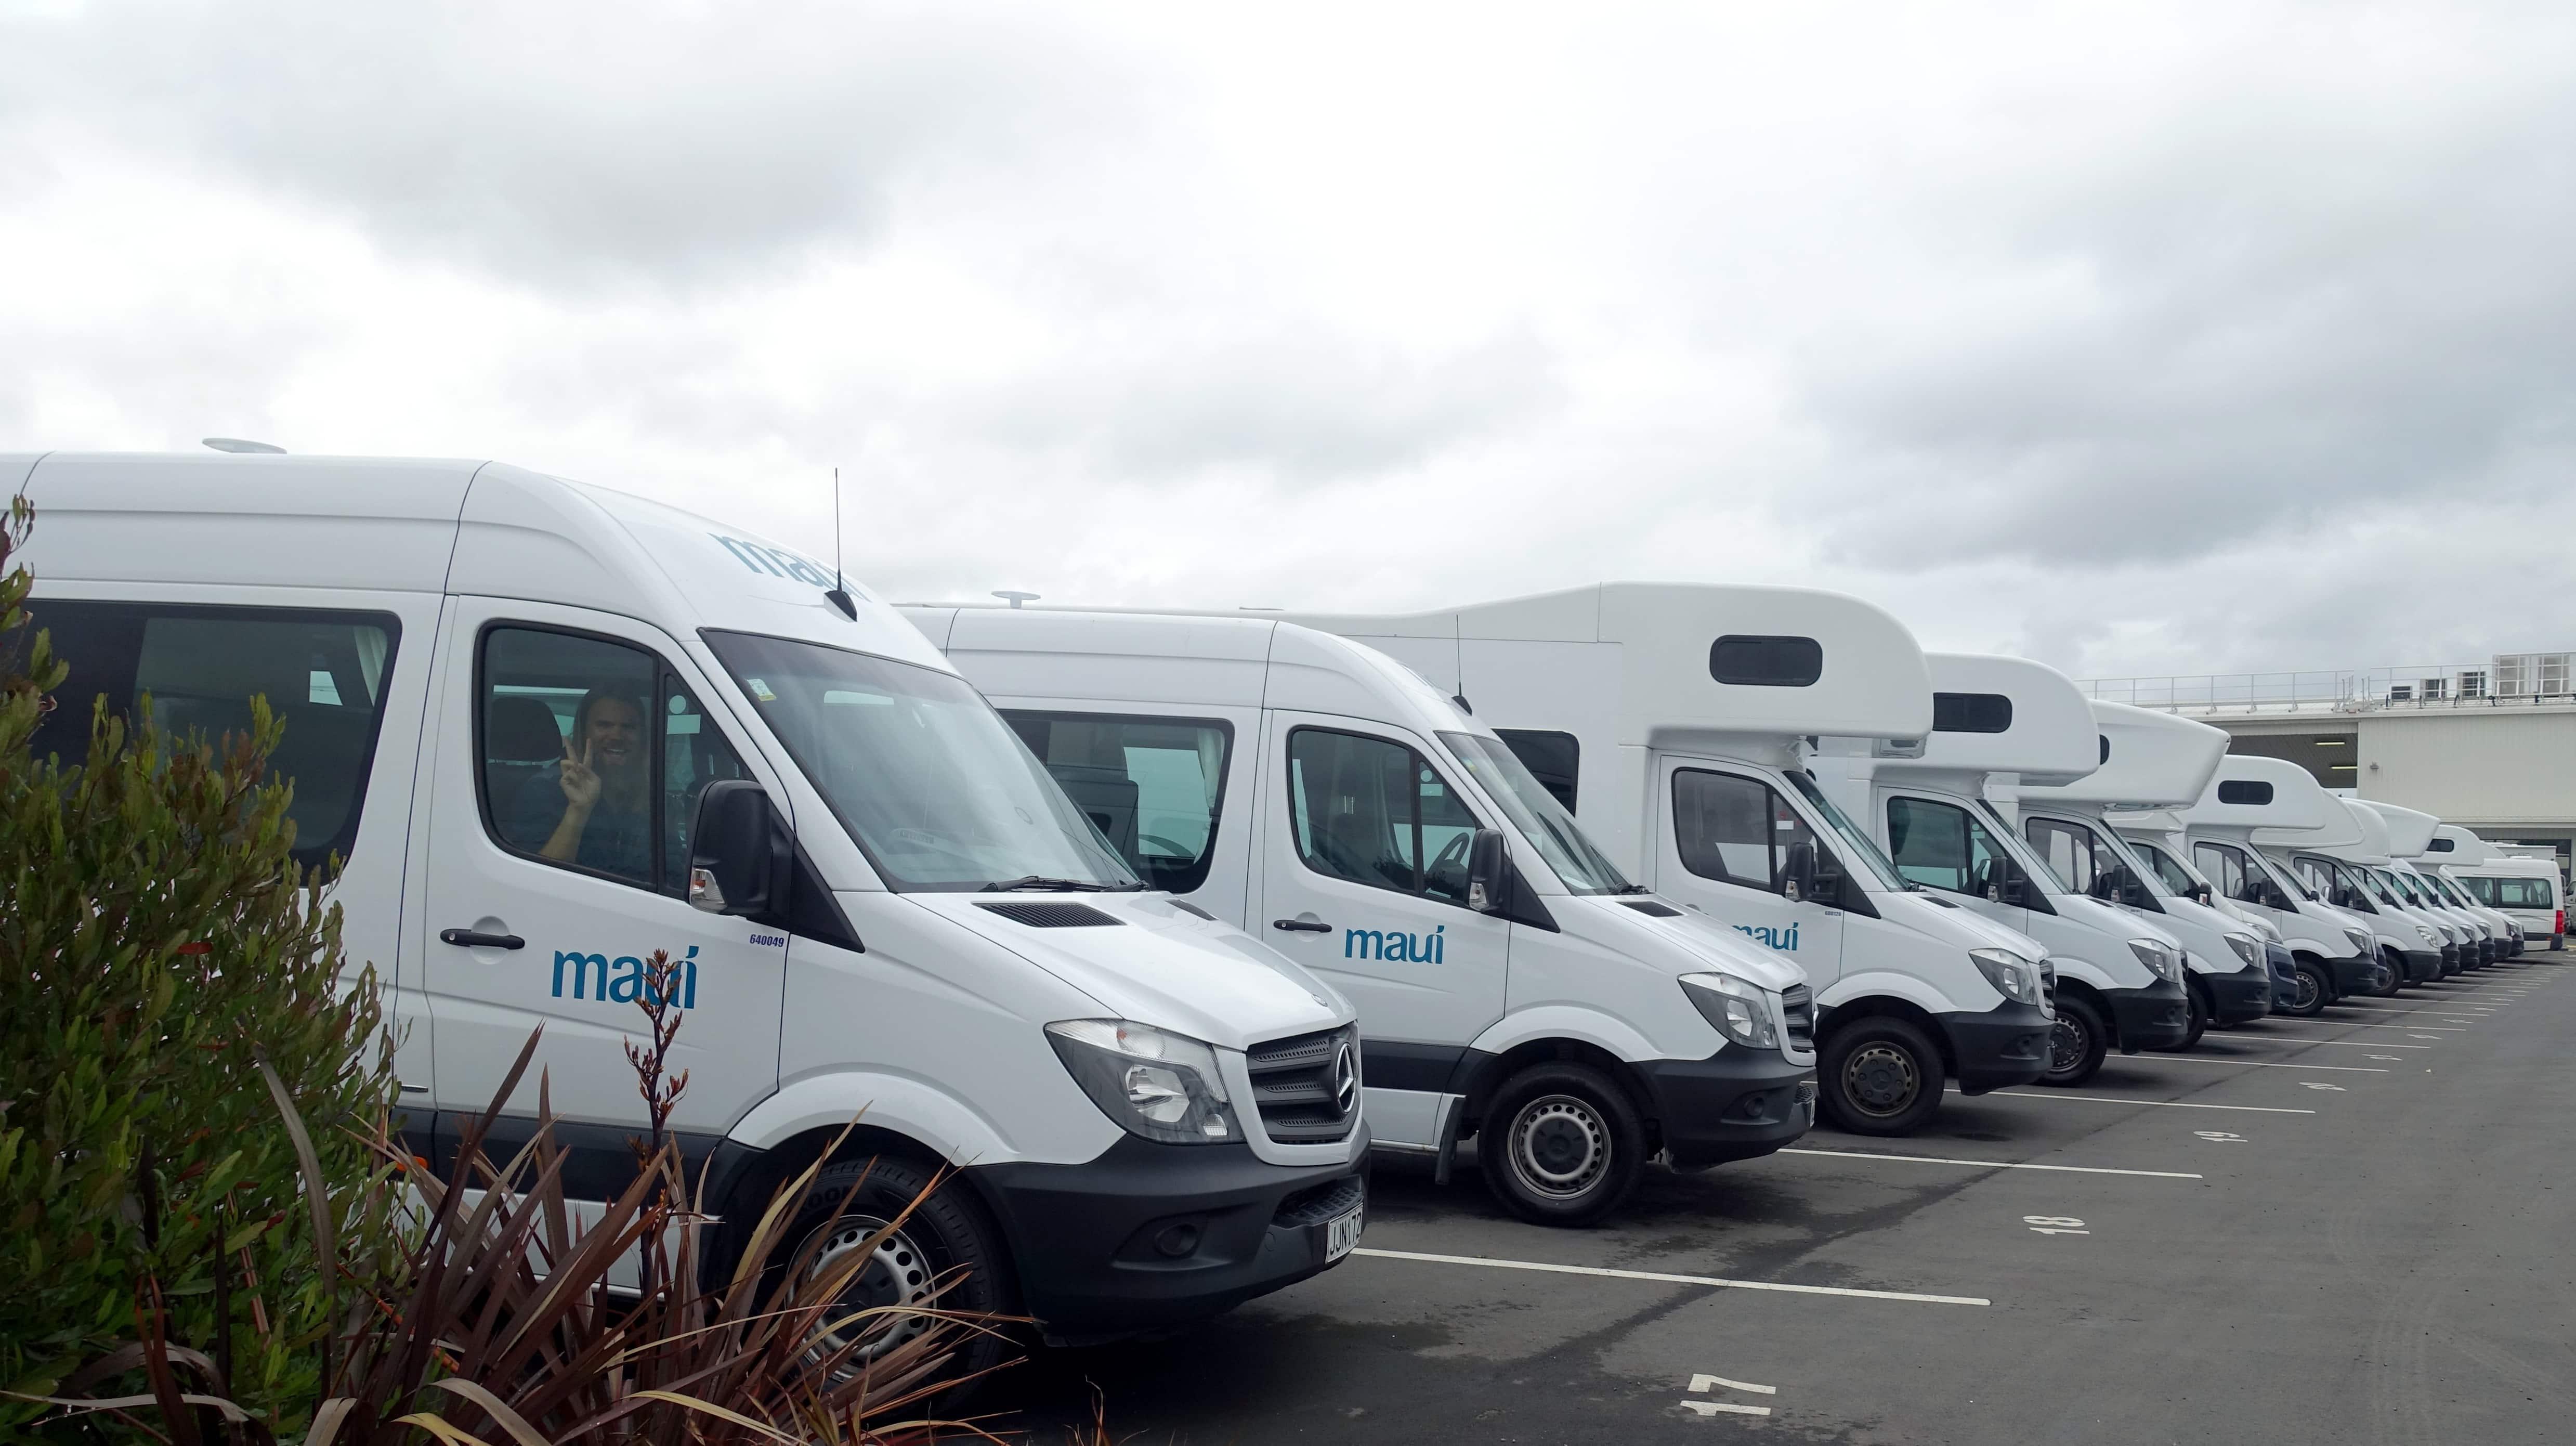 Wir haben unseren Maui Campervan in Neuseeland über Bestcamper gebucht.